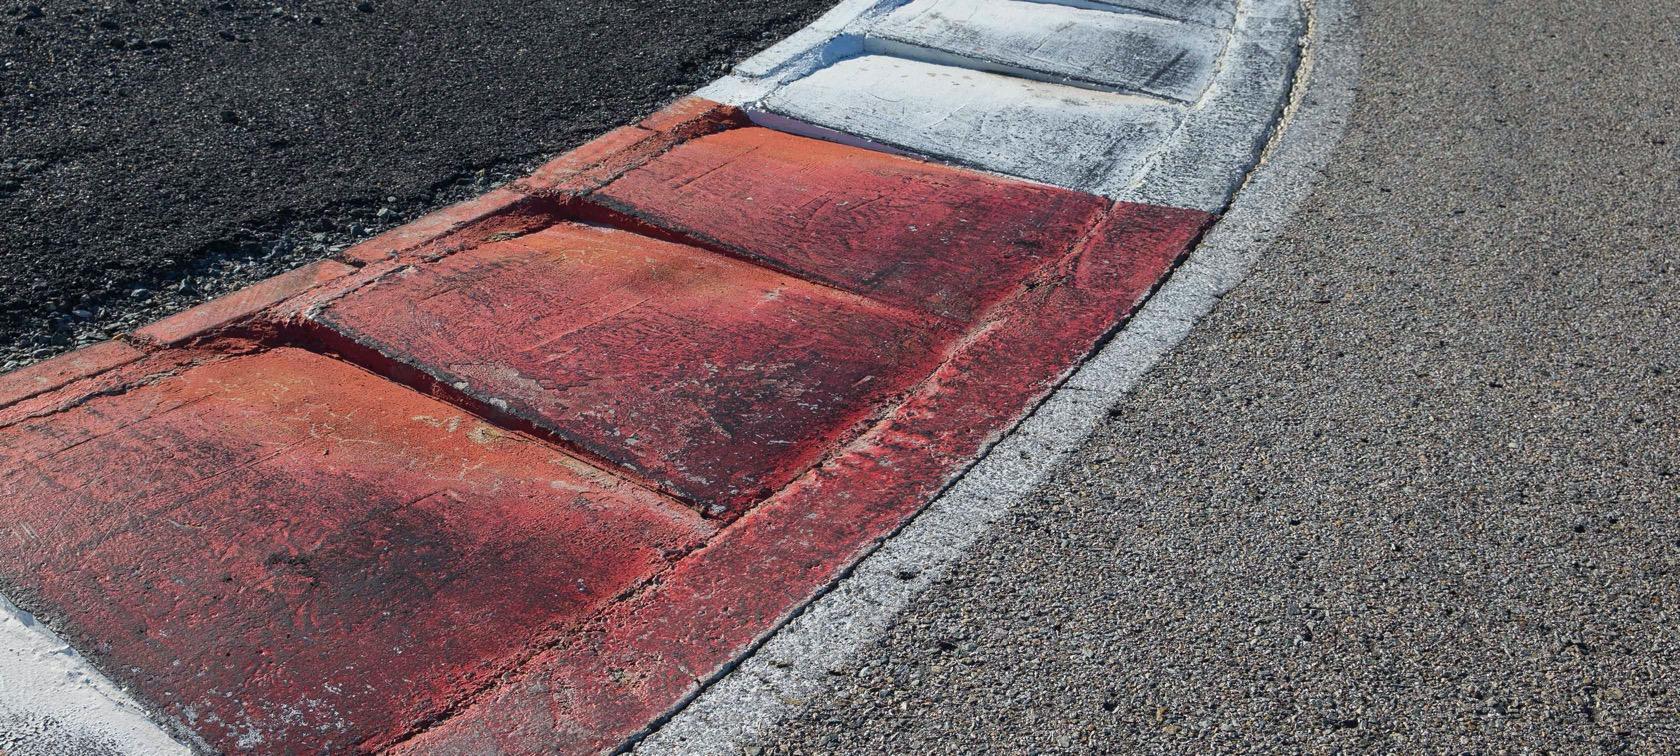 Kurve einer asphaltierten Straße mit weiß-rotem Seitenstreifen